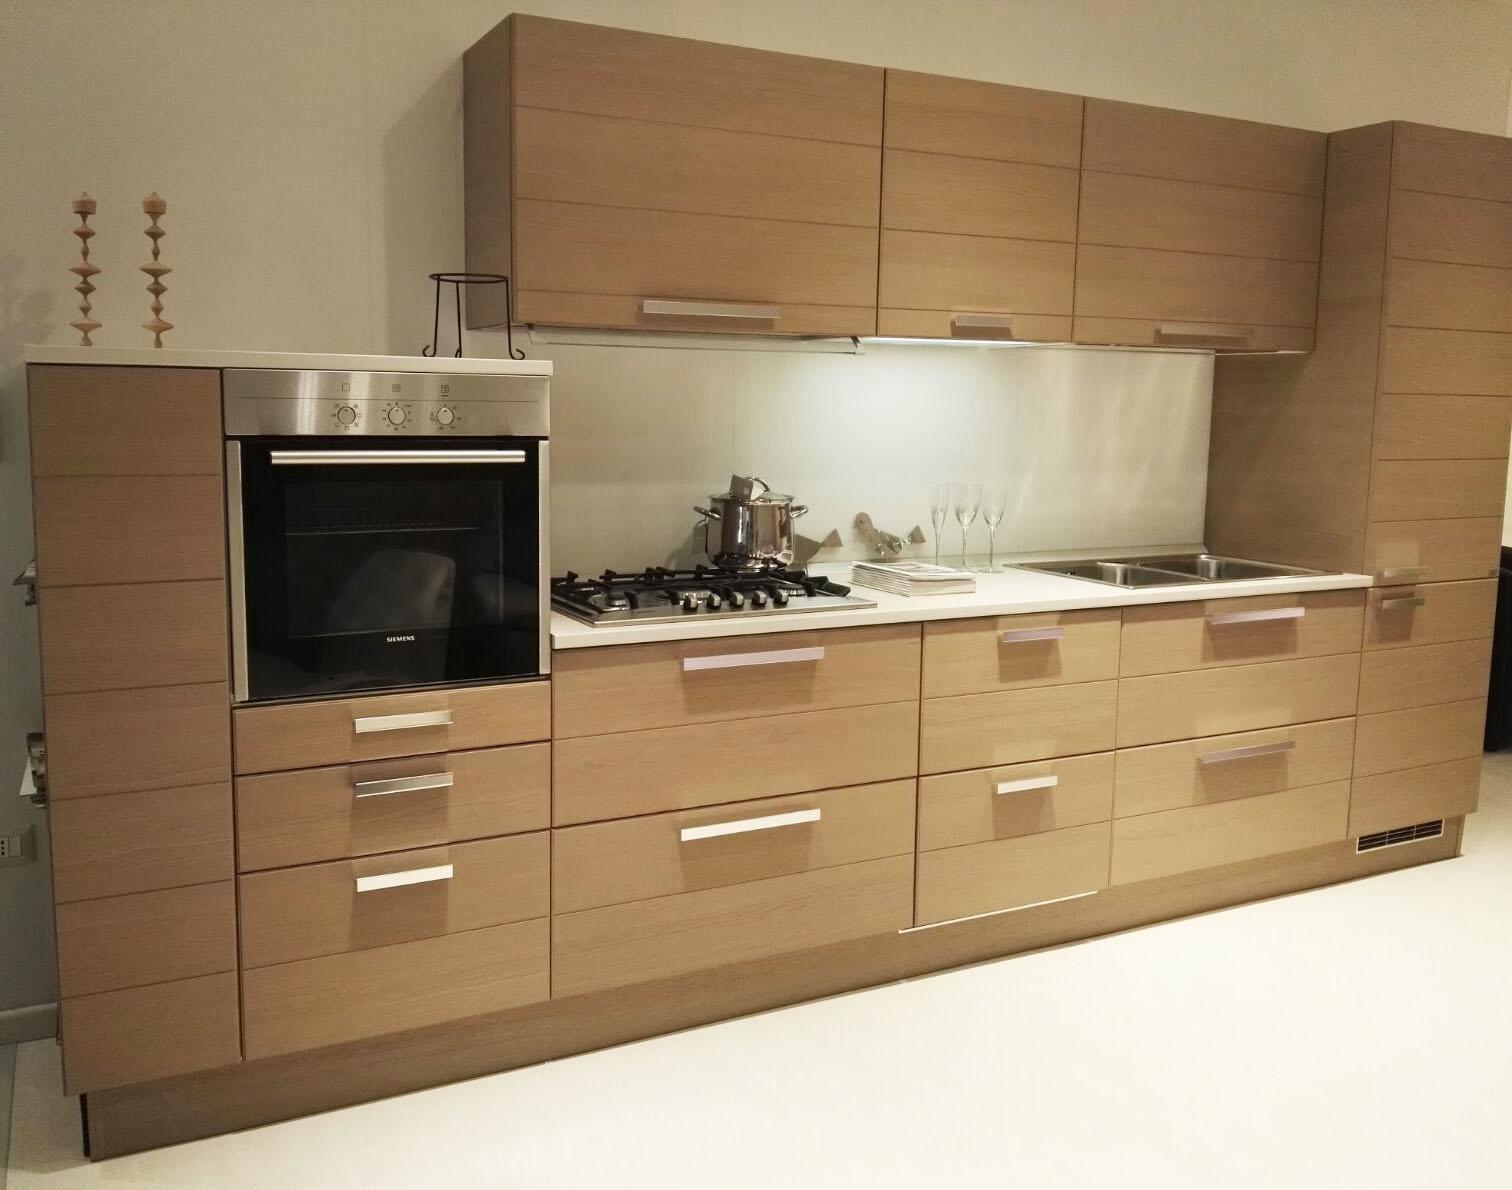 Cucina scavolini open moderna legno cucine a prezzi scontati for Cucina moderna in ciliegio